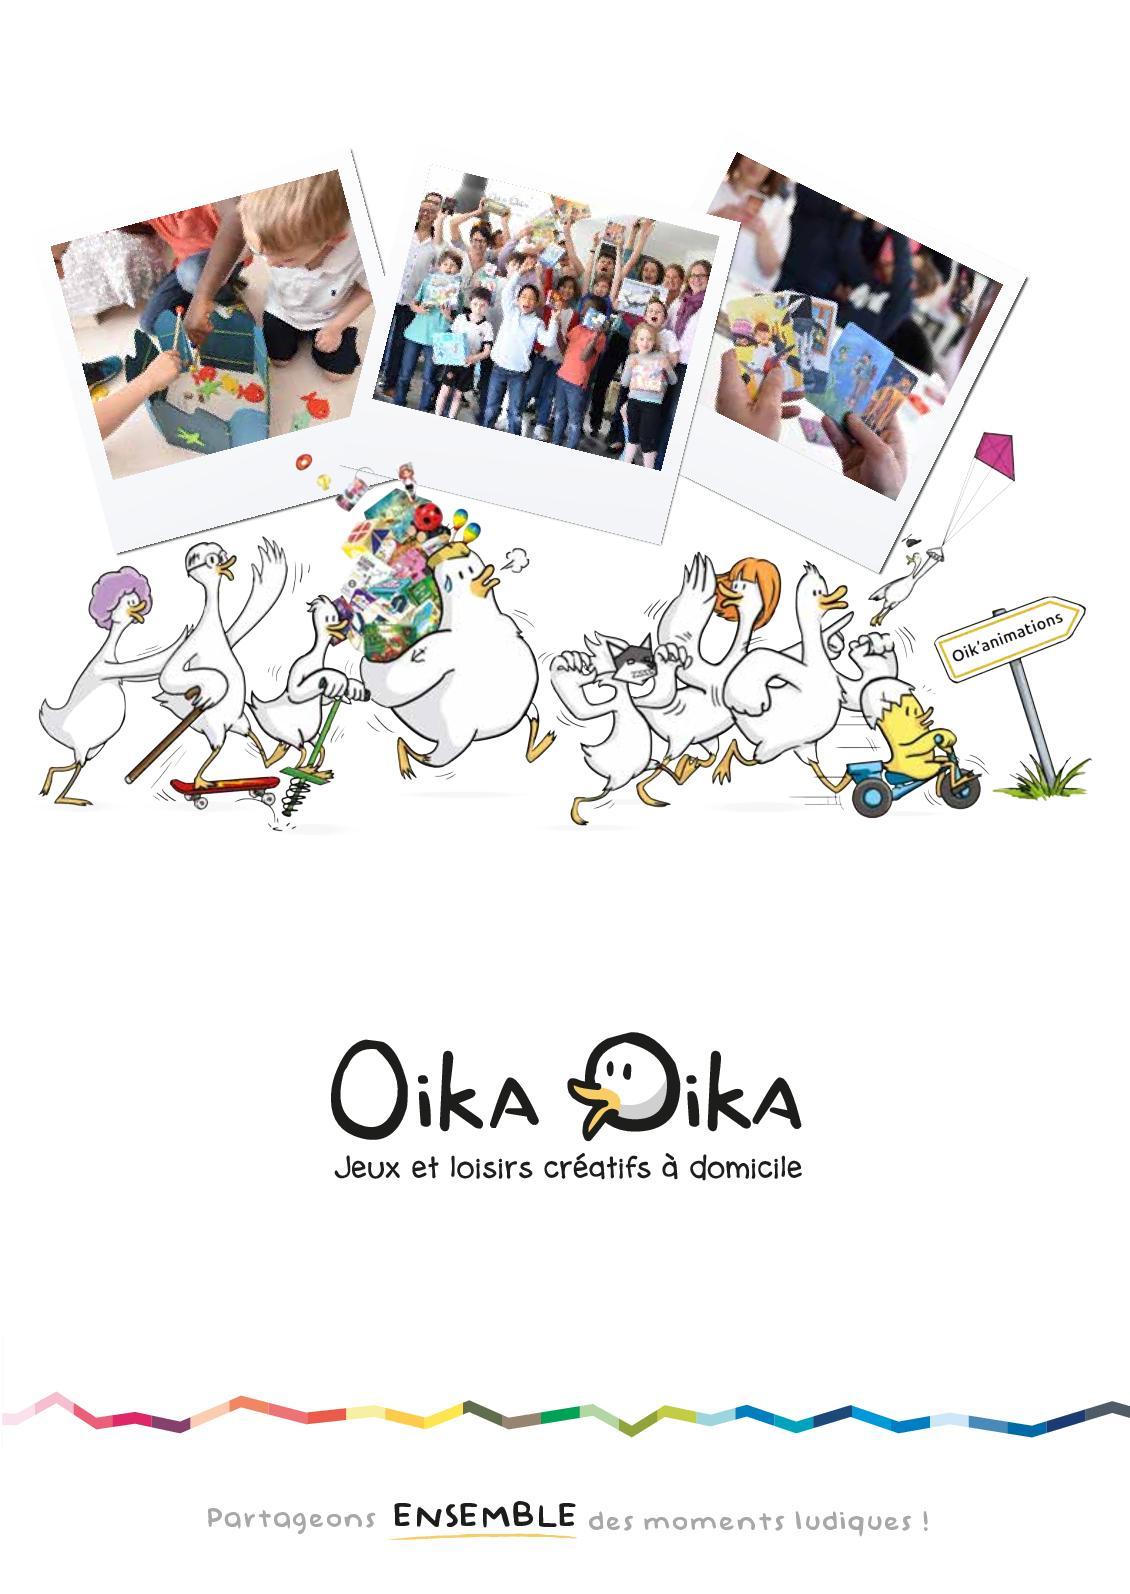 2109dae0e2f4 Calaméo - Catalogue Oika Oika2017 2018